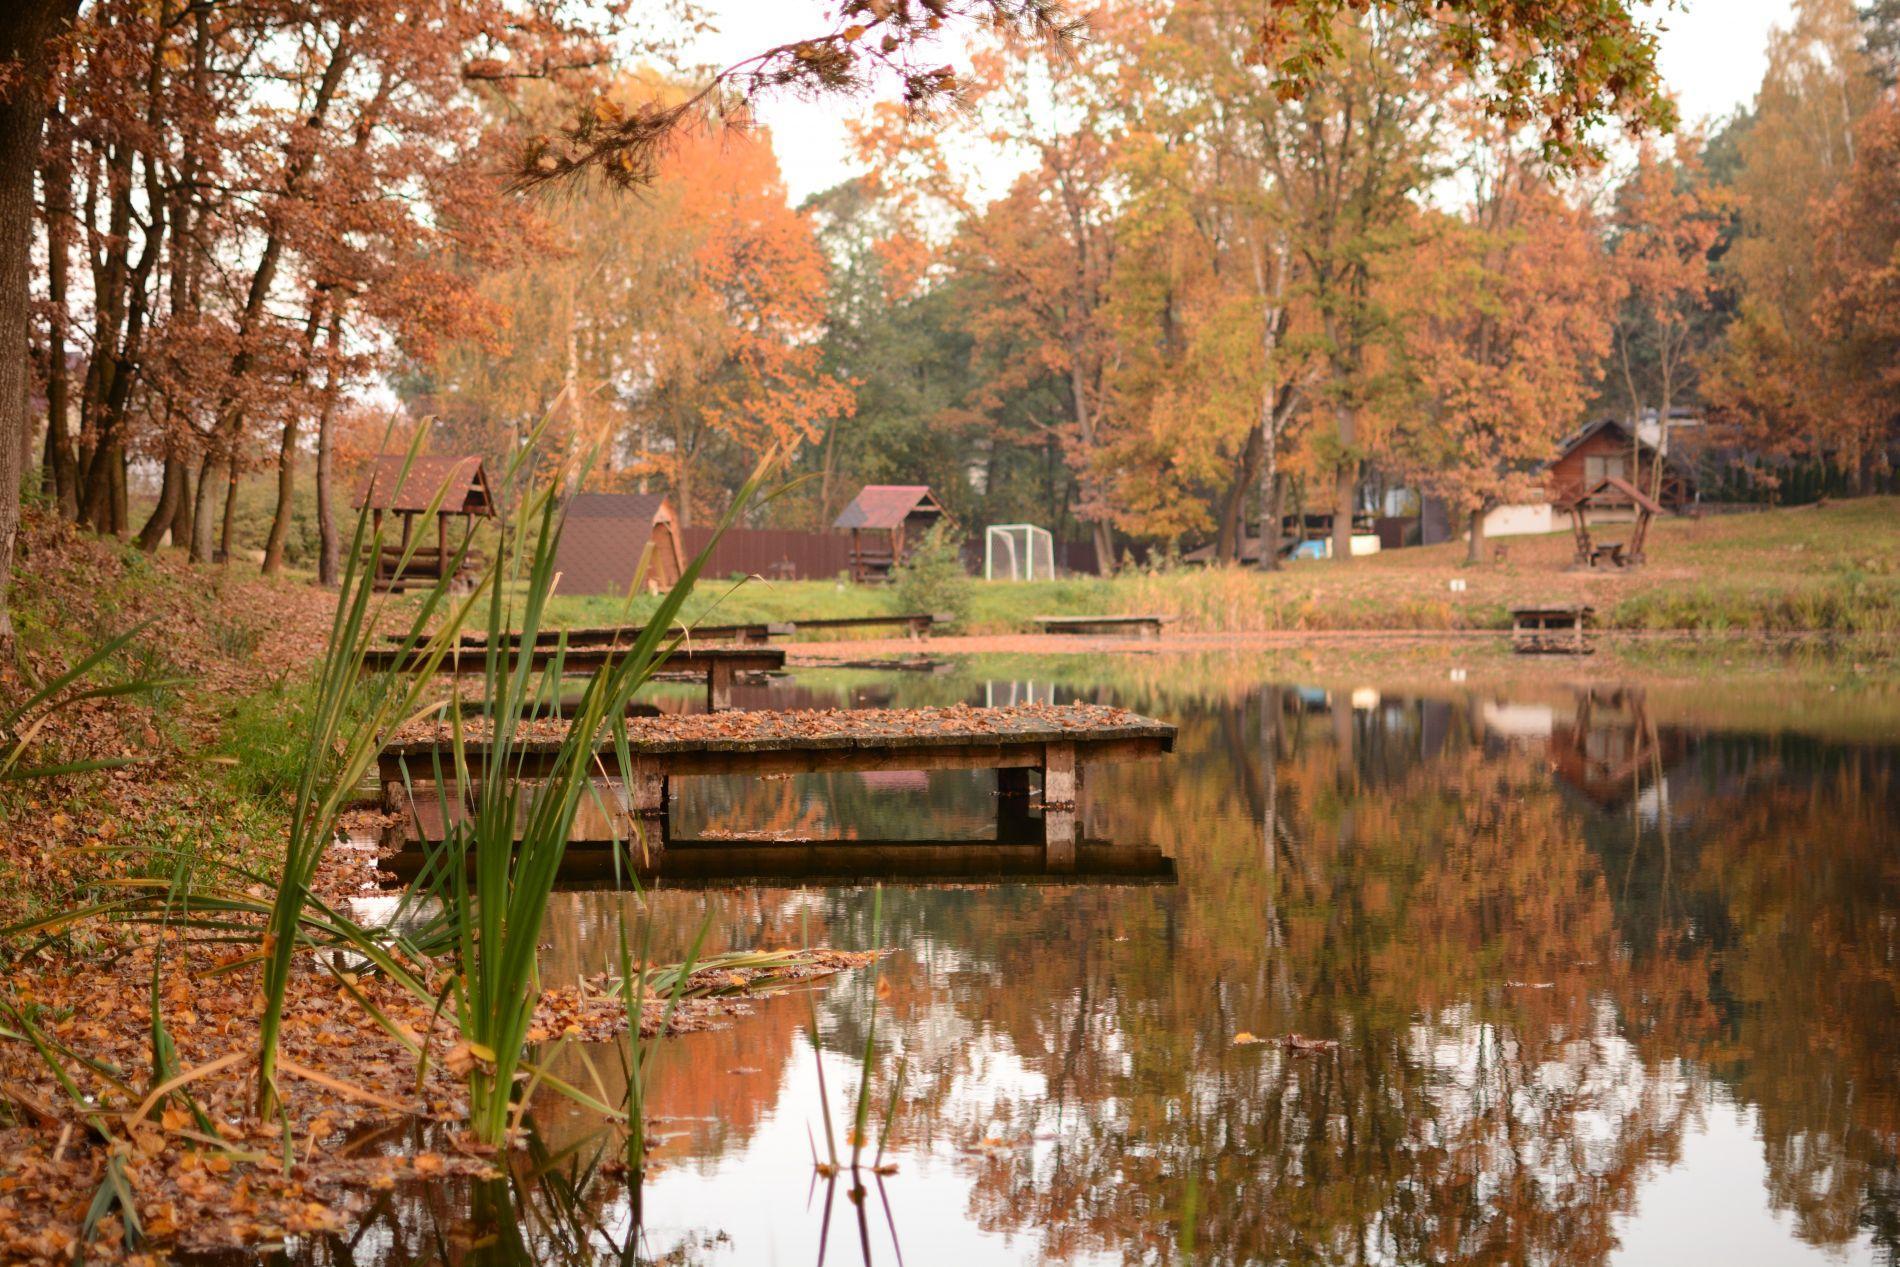 Озеро біля Львова. База відпочинку Львівська область. Наші цікаві події: риболовля біля Львова, баня на дровах, басейн, ресторан.